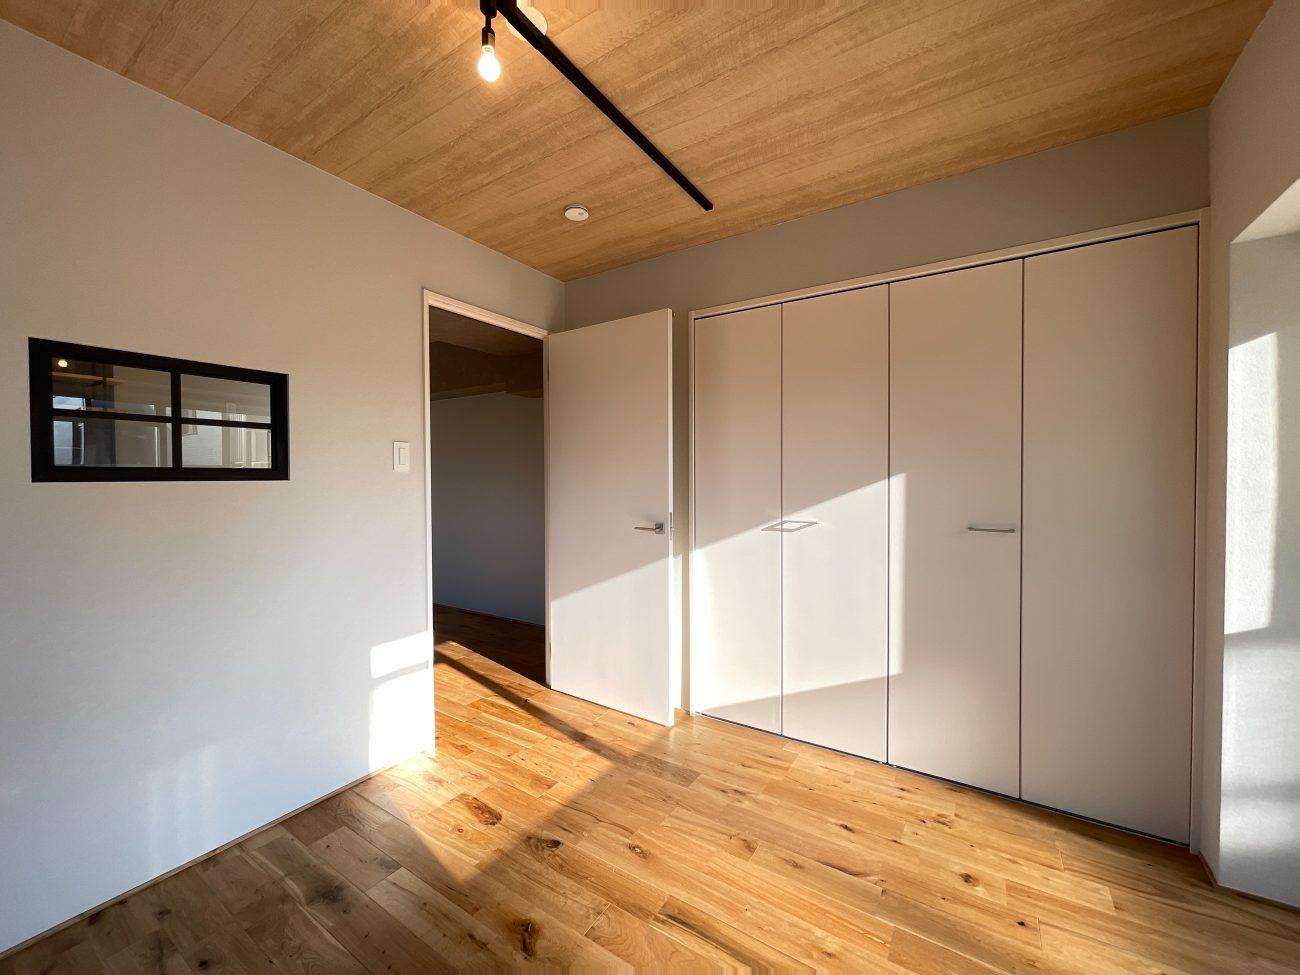 笹塚 築31年1DKの区分マンションを開放的な間取りにリノベーションの画像